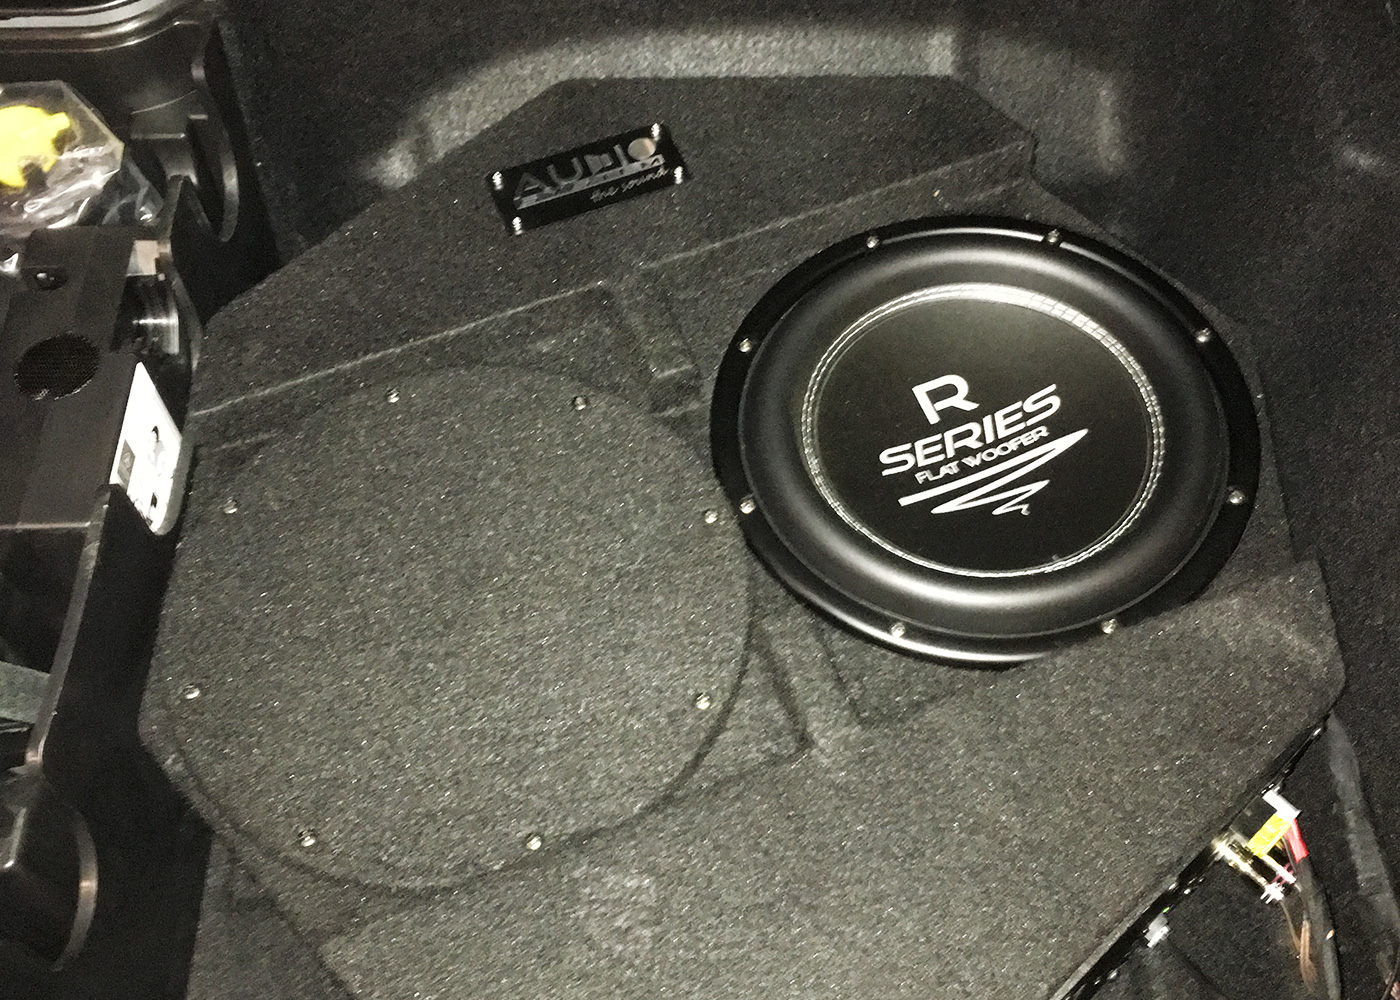 cls-63-amg-car-akustik1